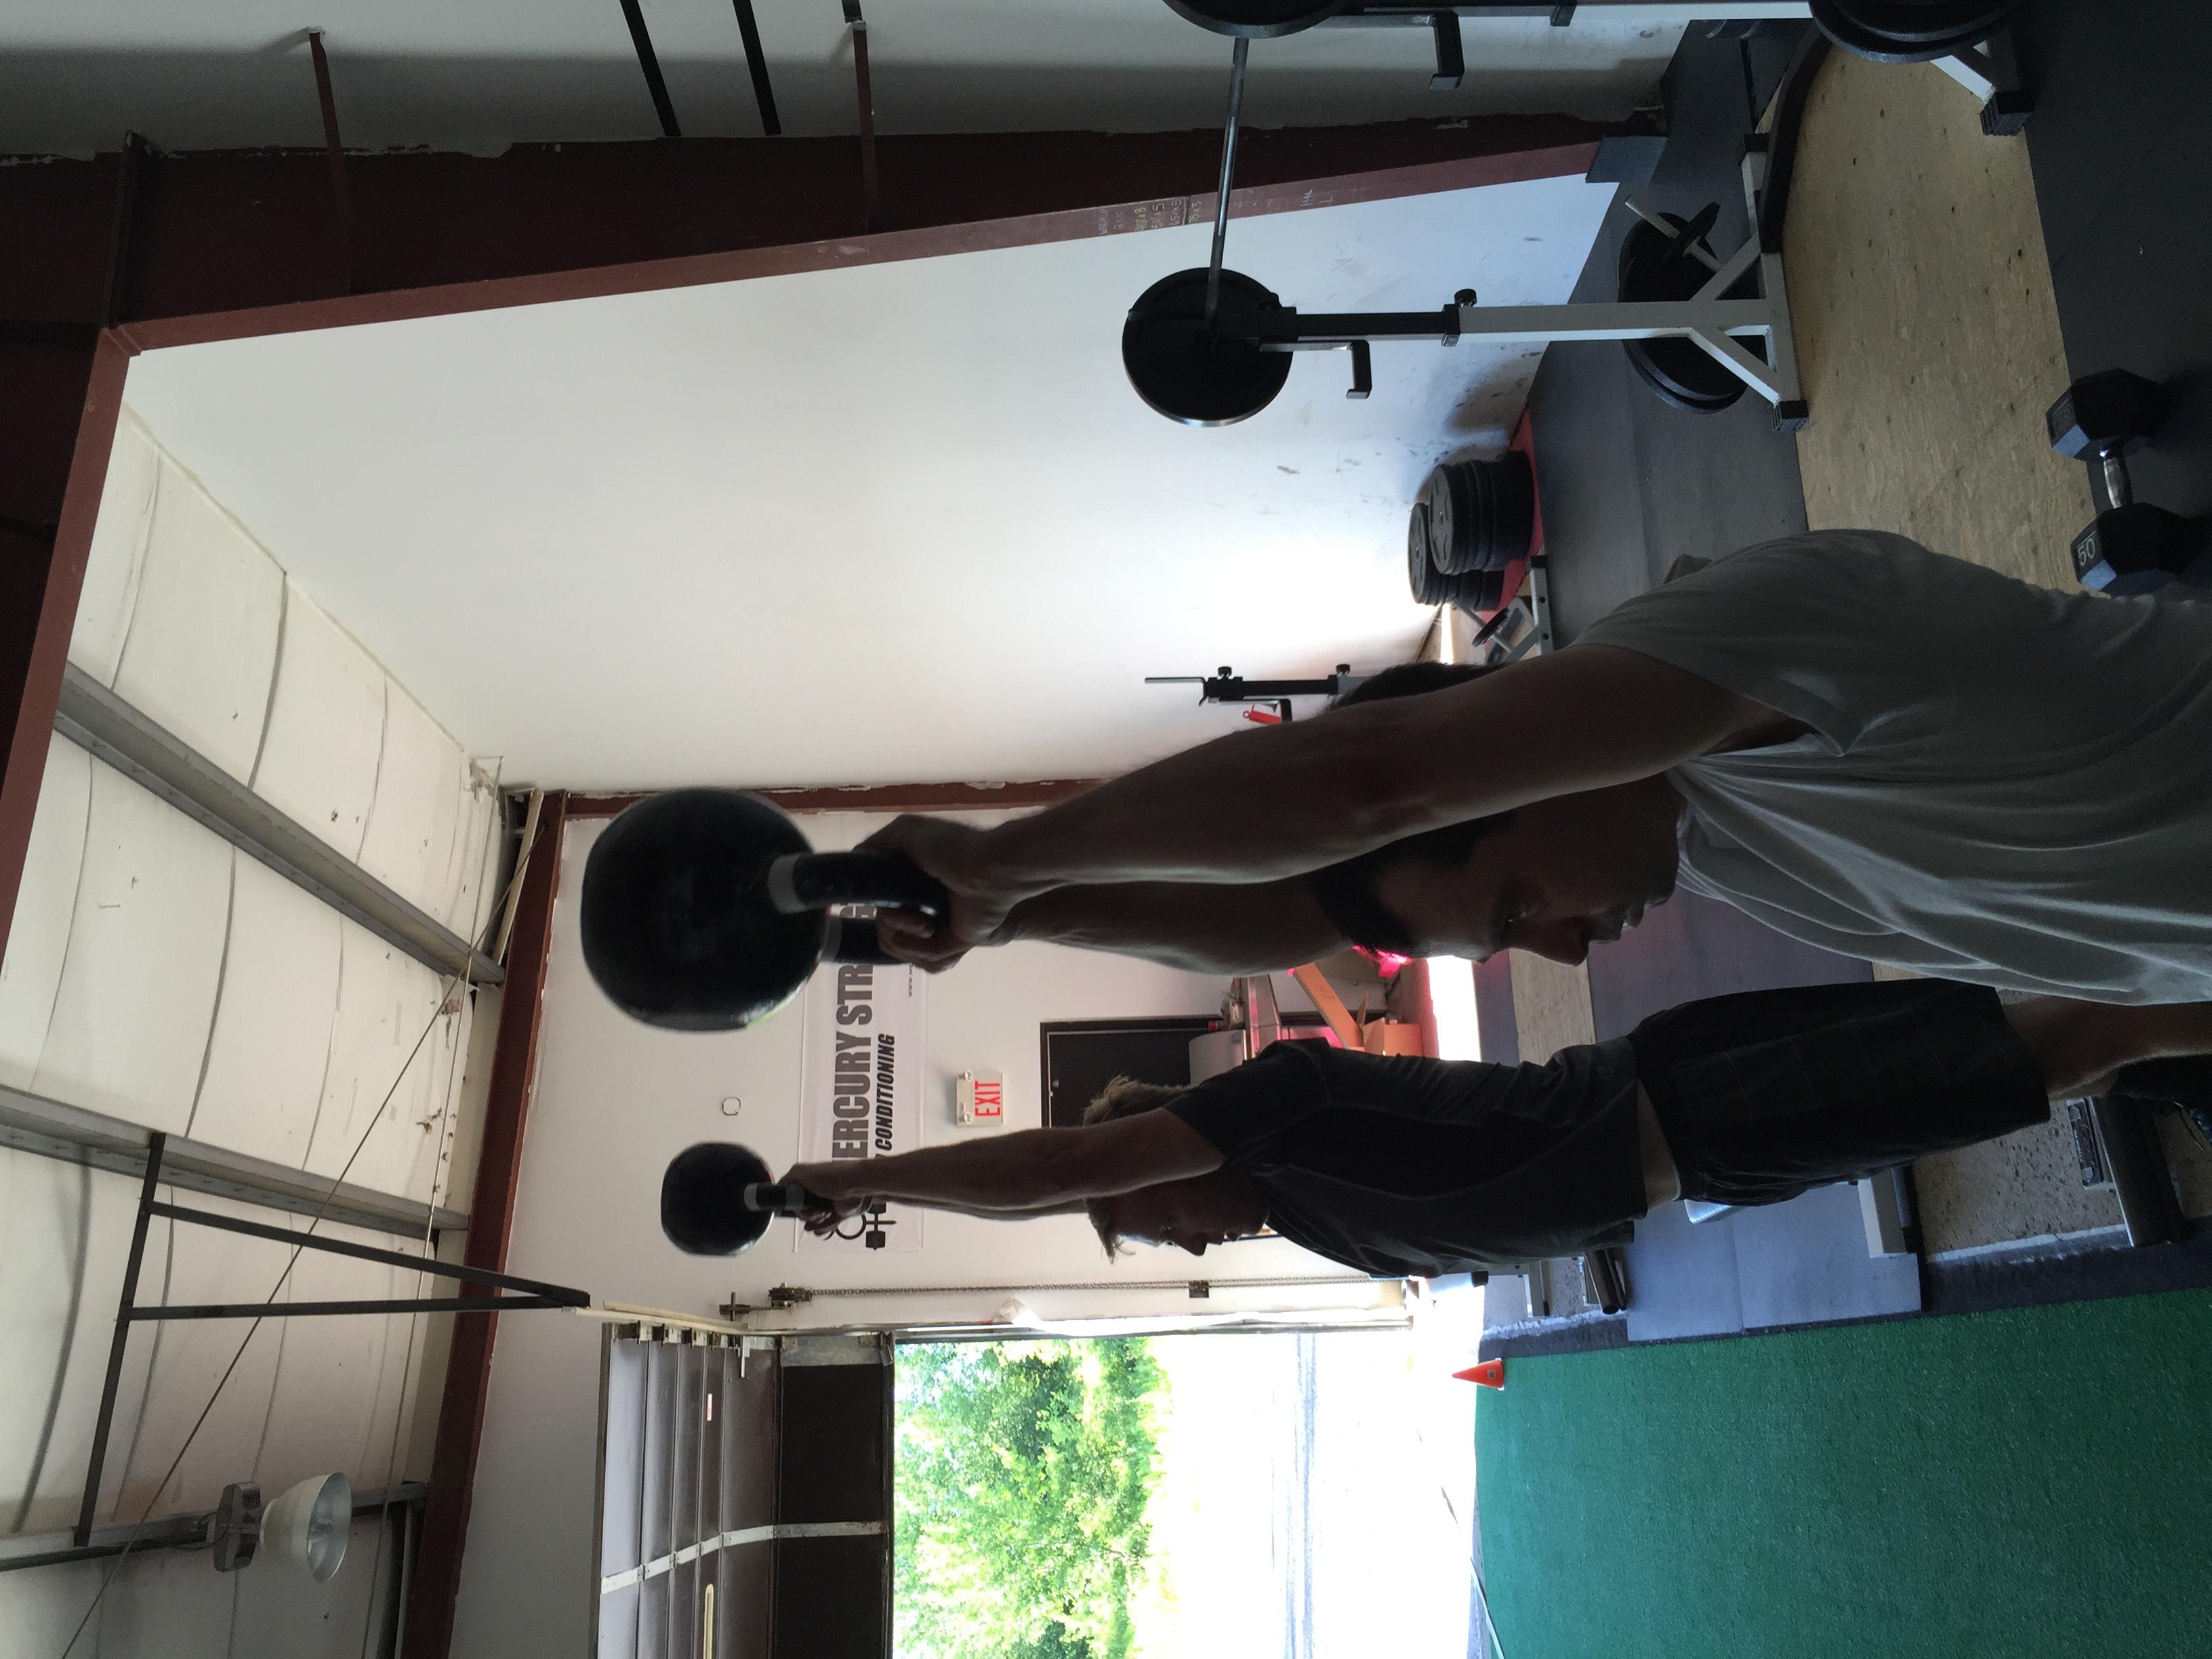 gym-fitness-training-kingston-lucas-nick-kettlebell swing